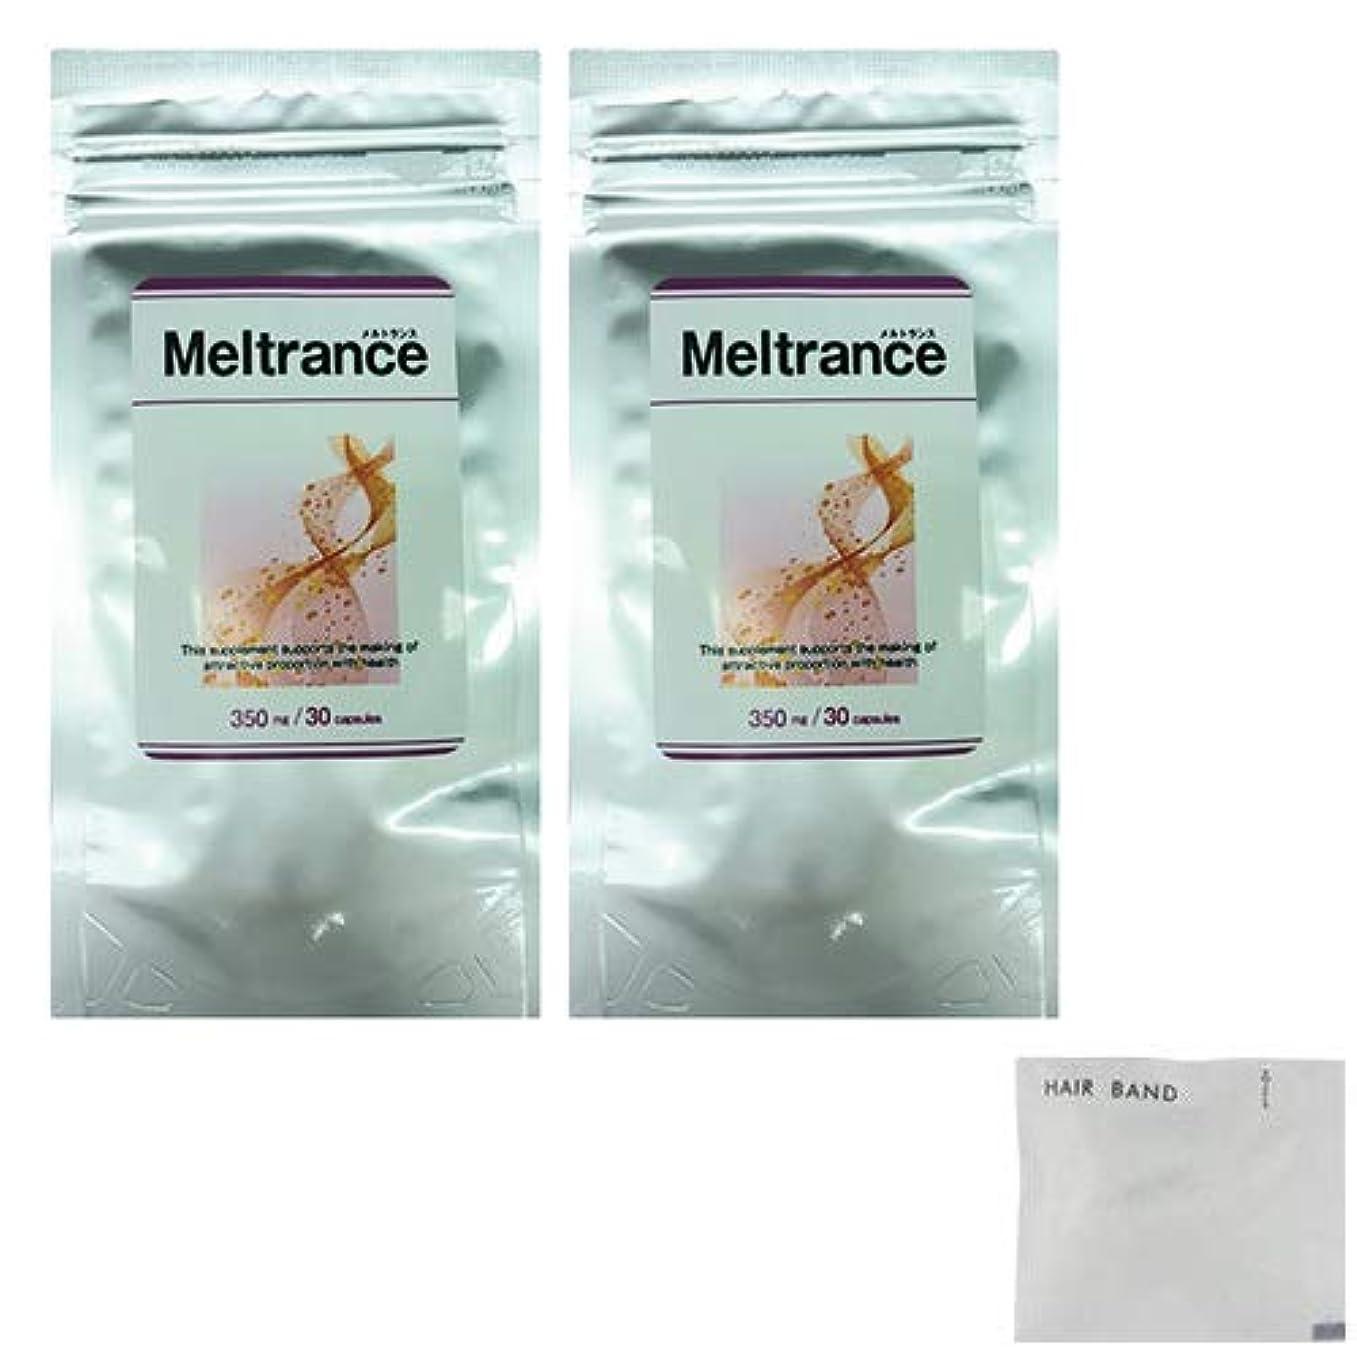 形状有効ハチメルトランス(Meltrance) サプリメント 30粒×2個 + ヘアゴム(カラーはおまかせ)セット